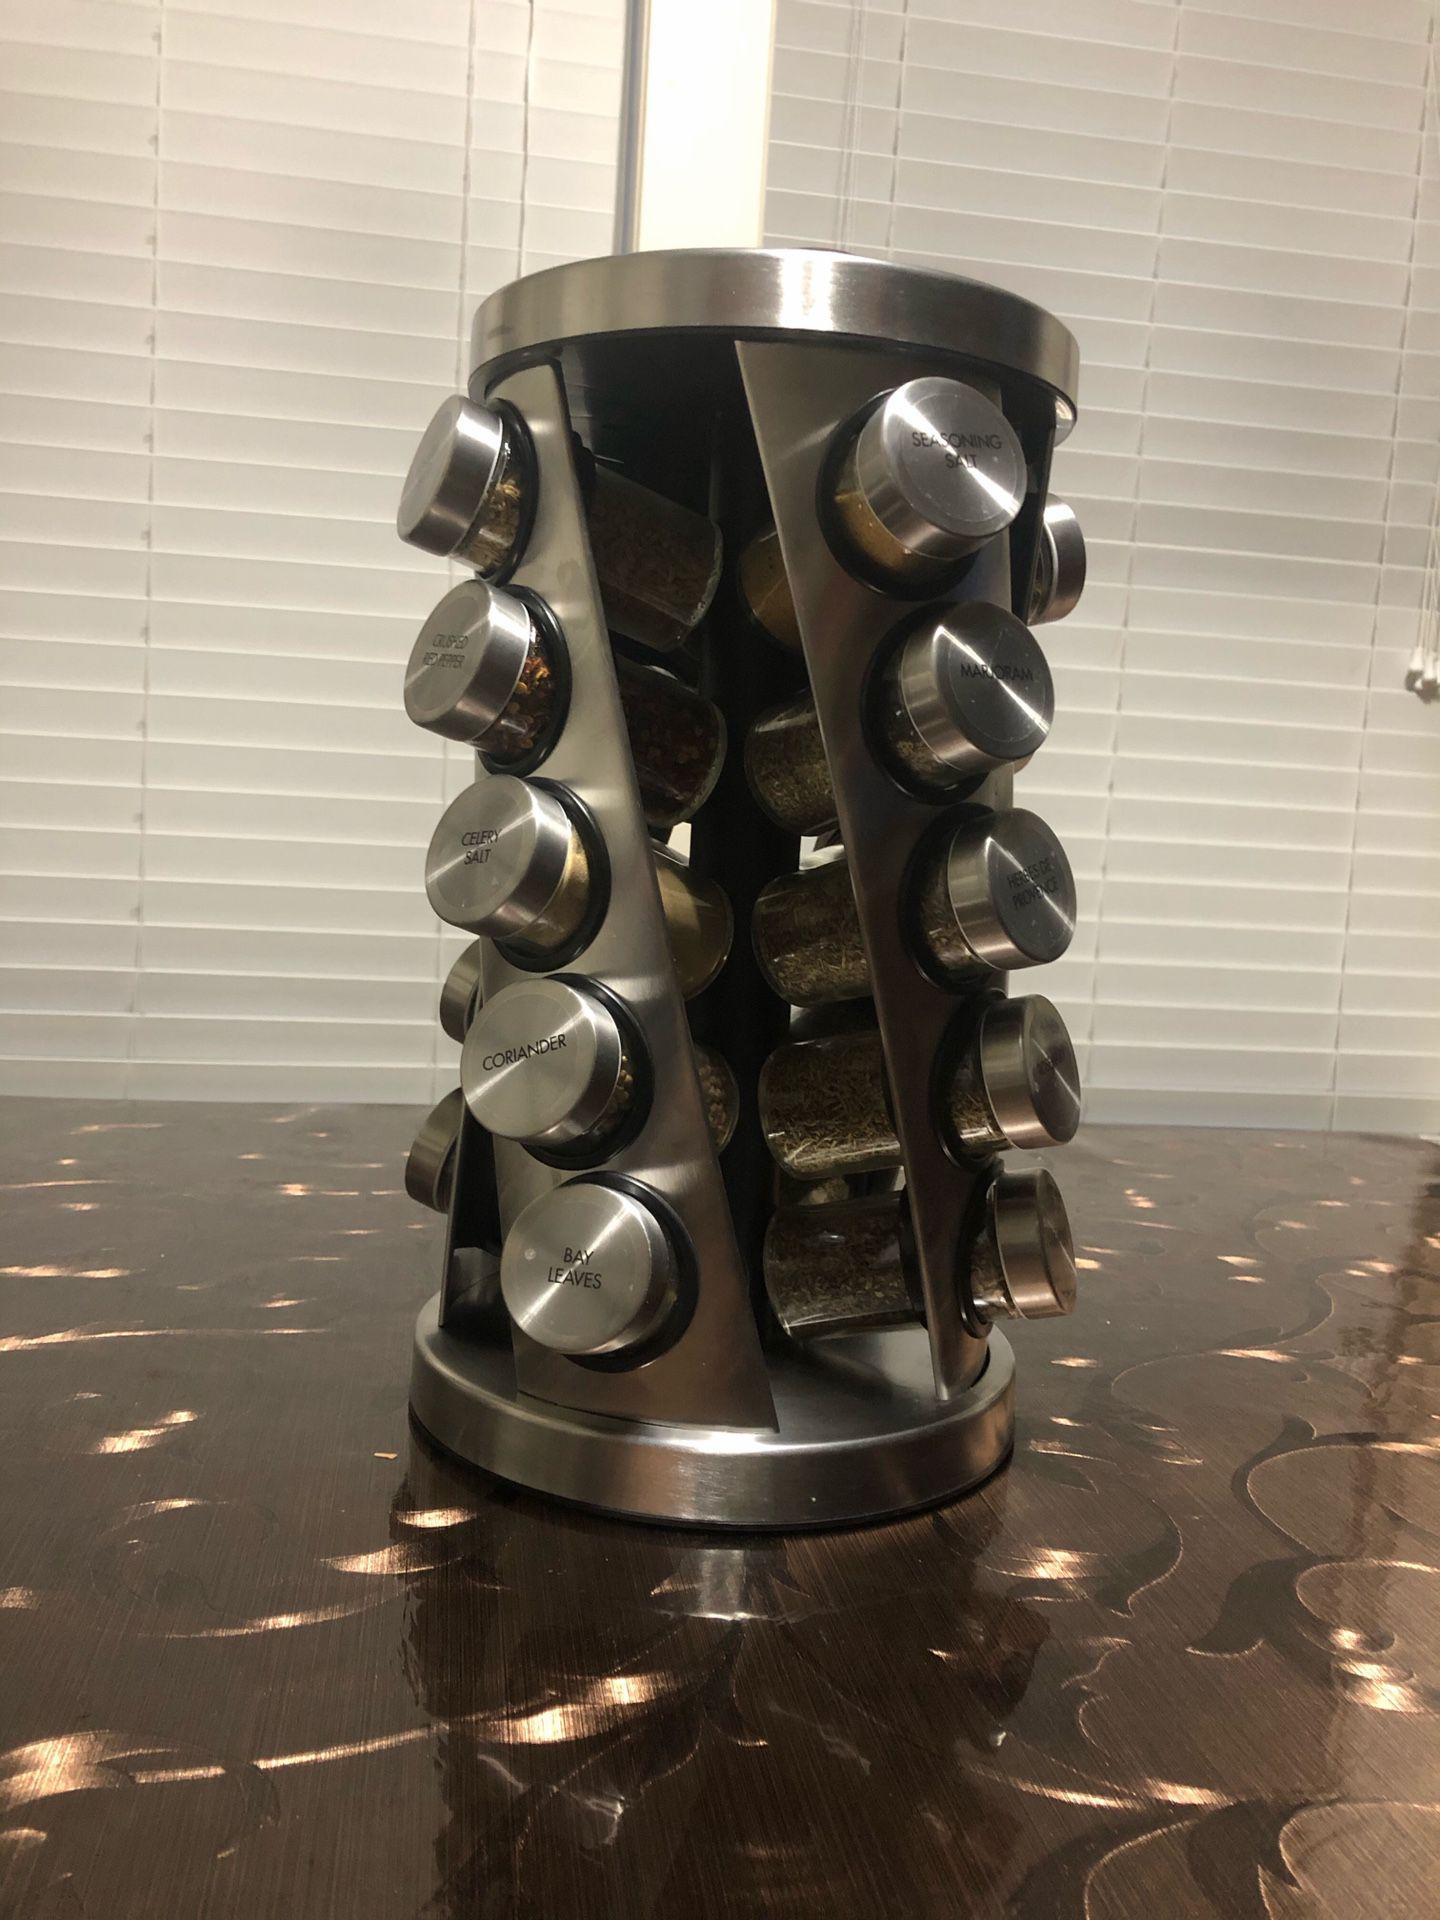 20 jar revolving spice tower